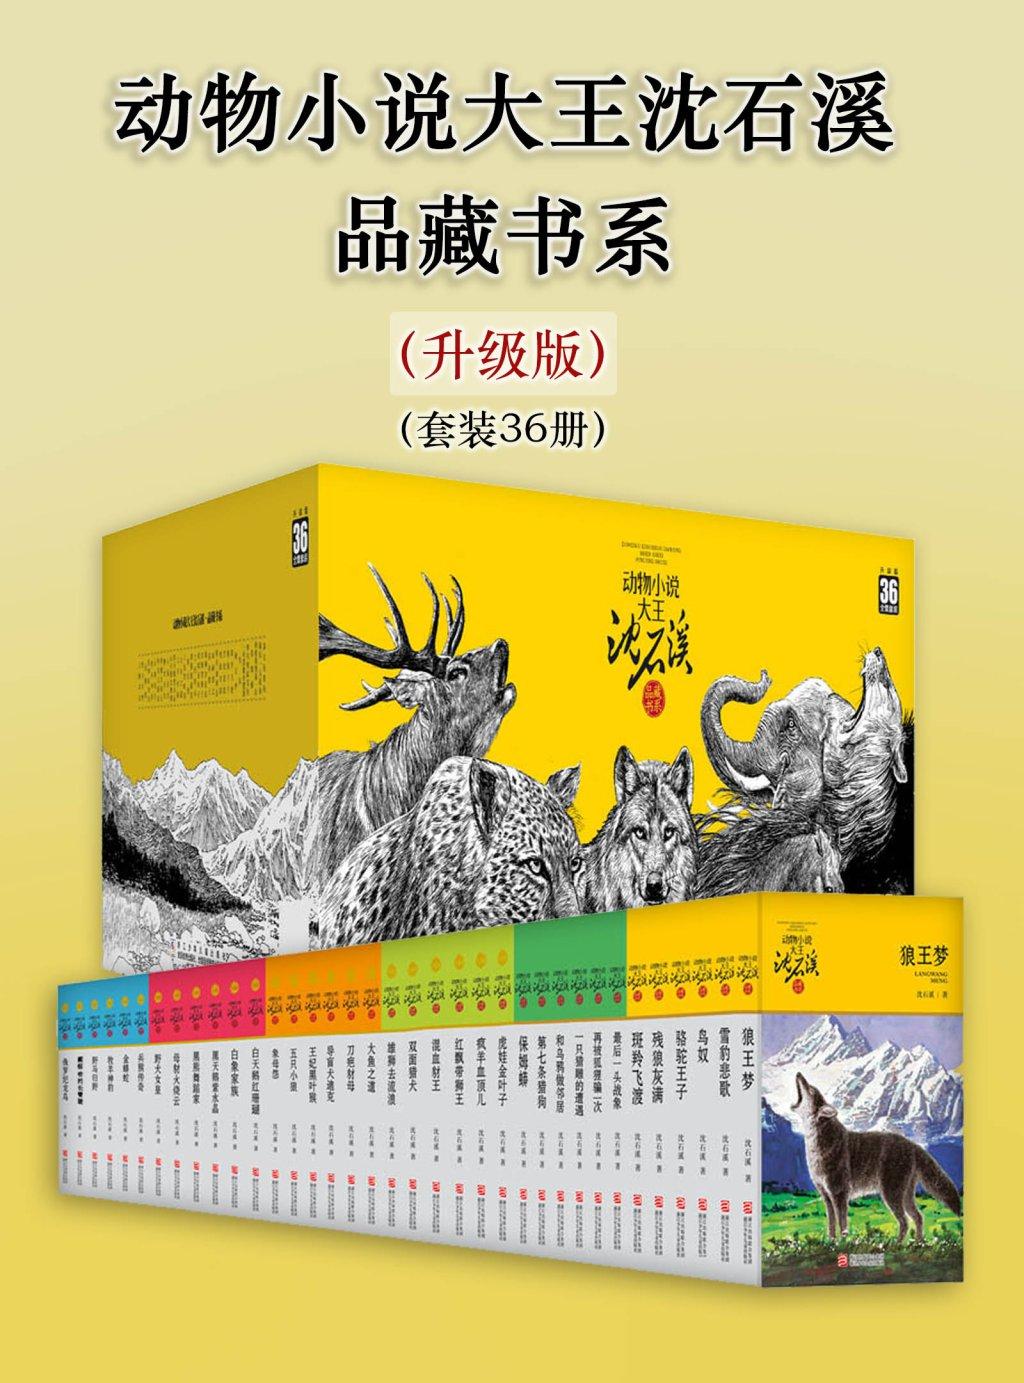 动物小说大王沈石溪·品藏书系(共36册)